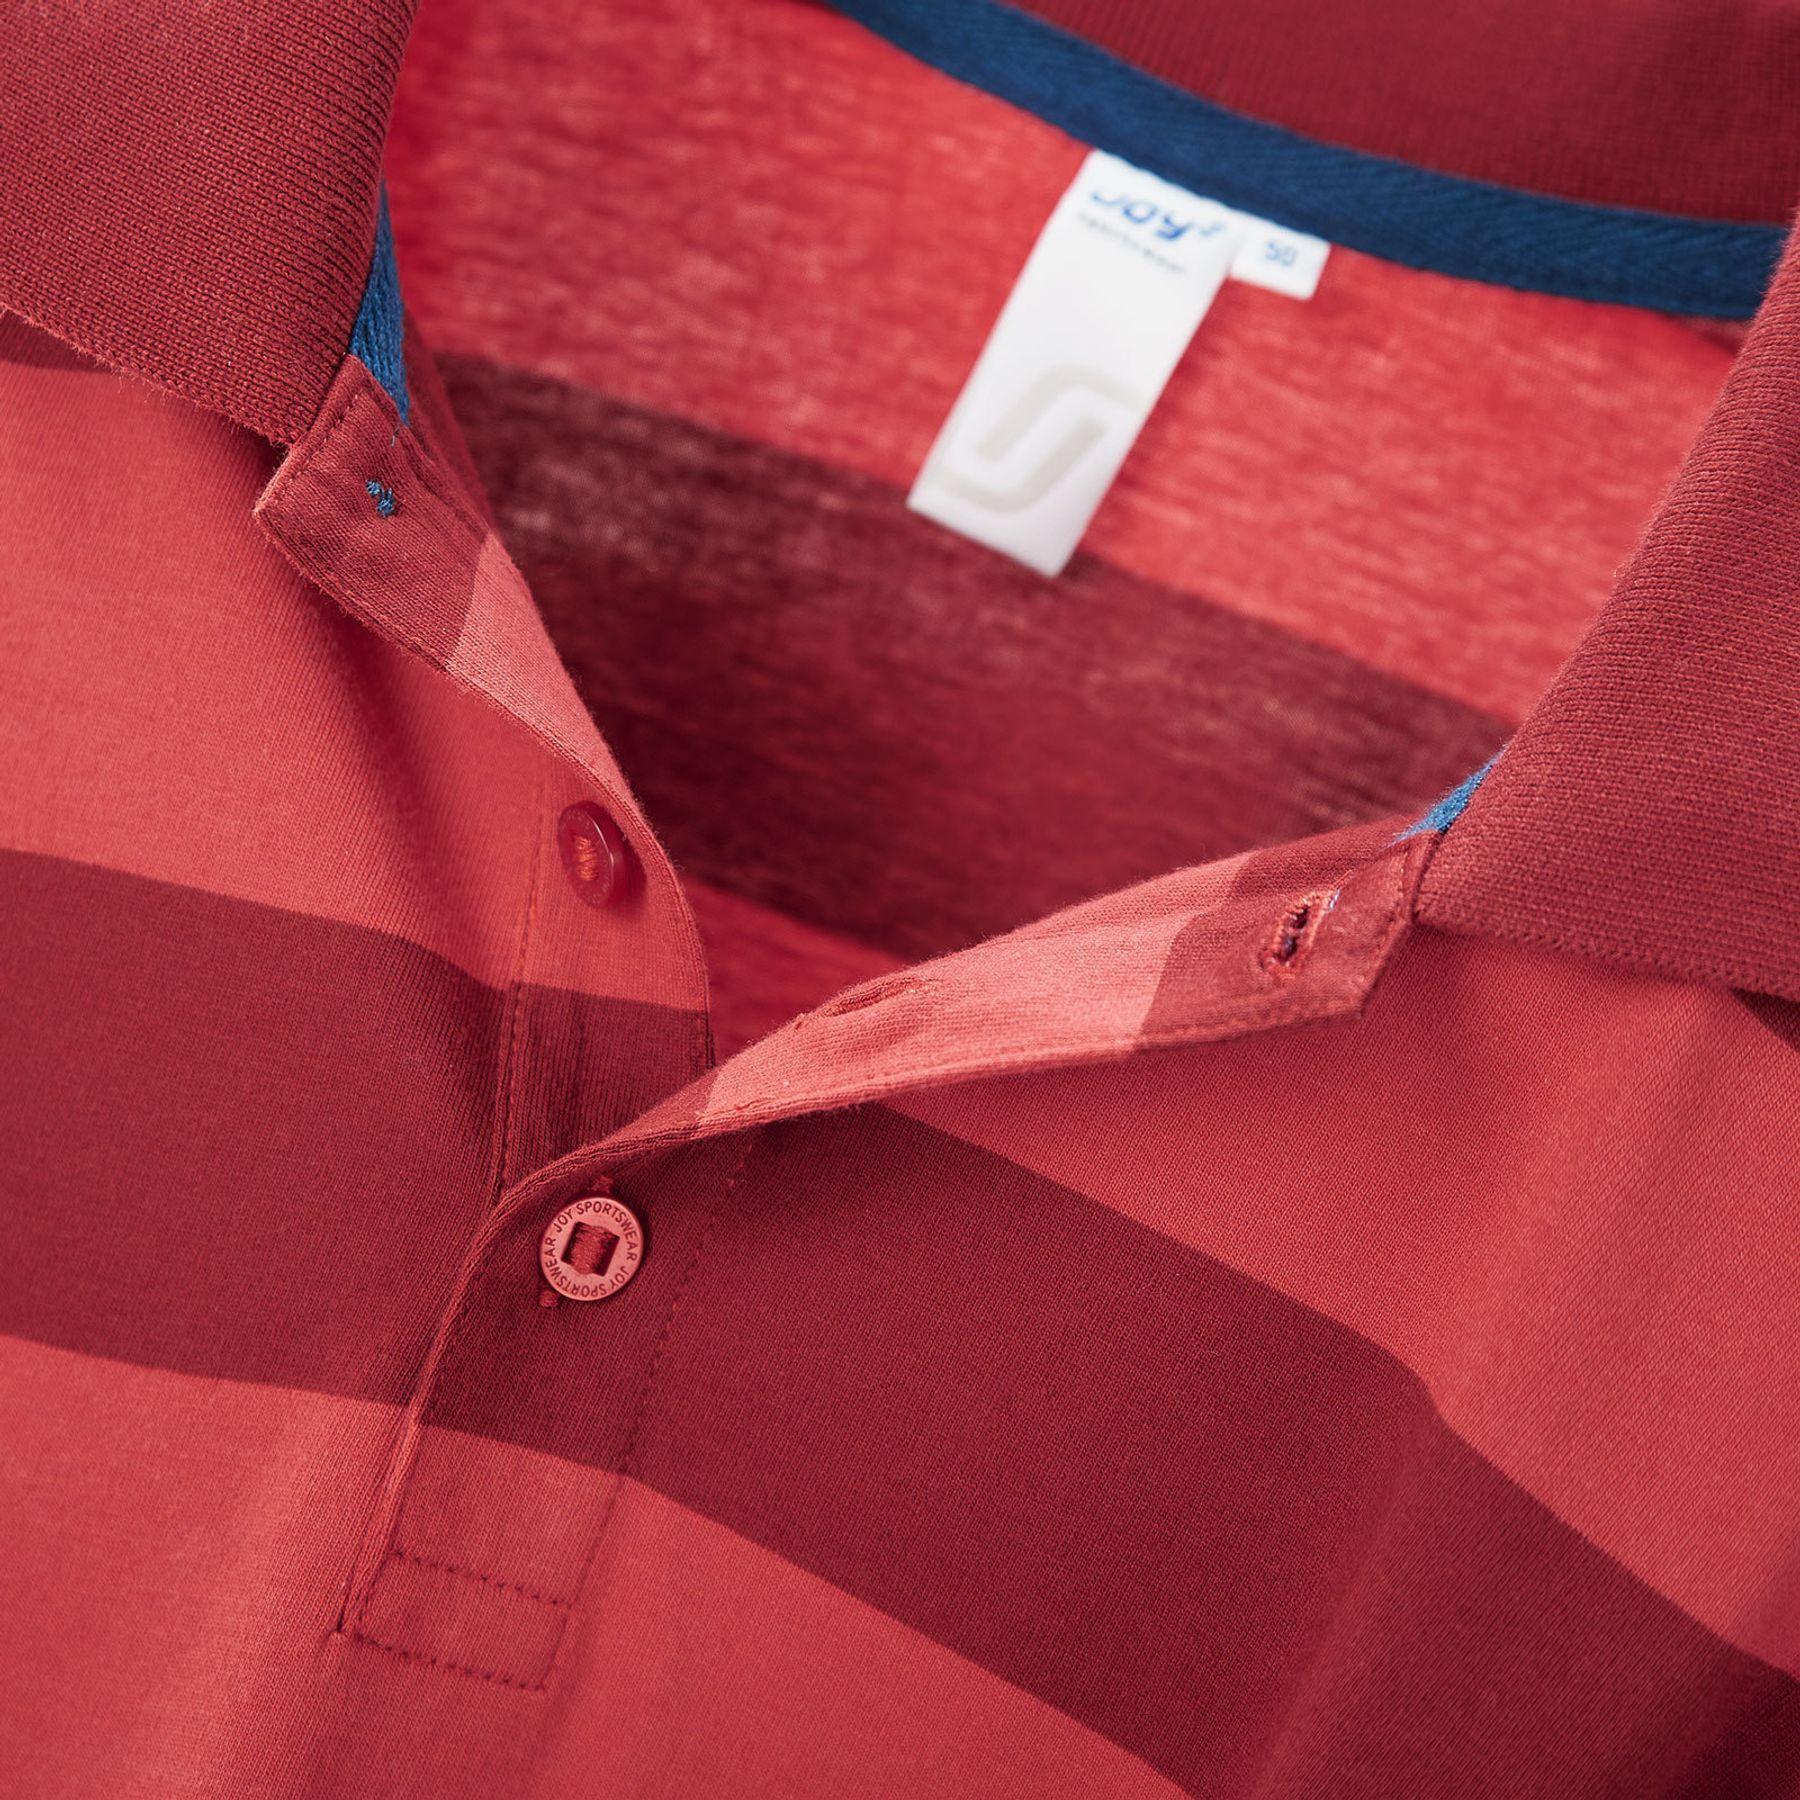 Joy - Herren Sport und Freizeit Poloshirt, Benito (40222) – Bild 10